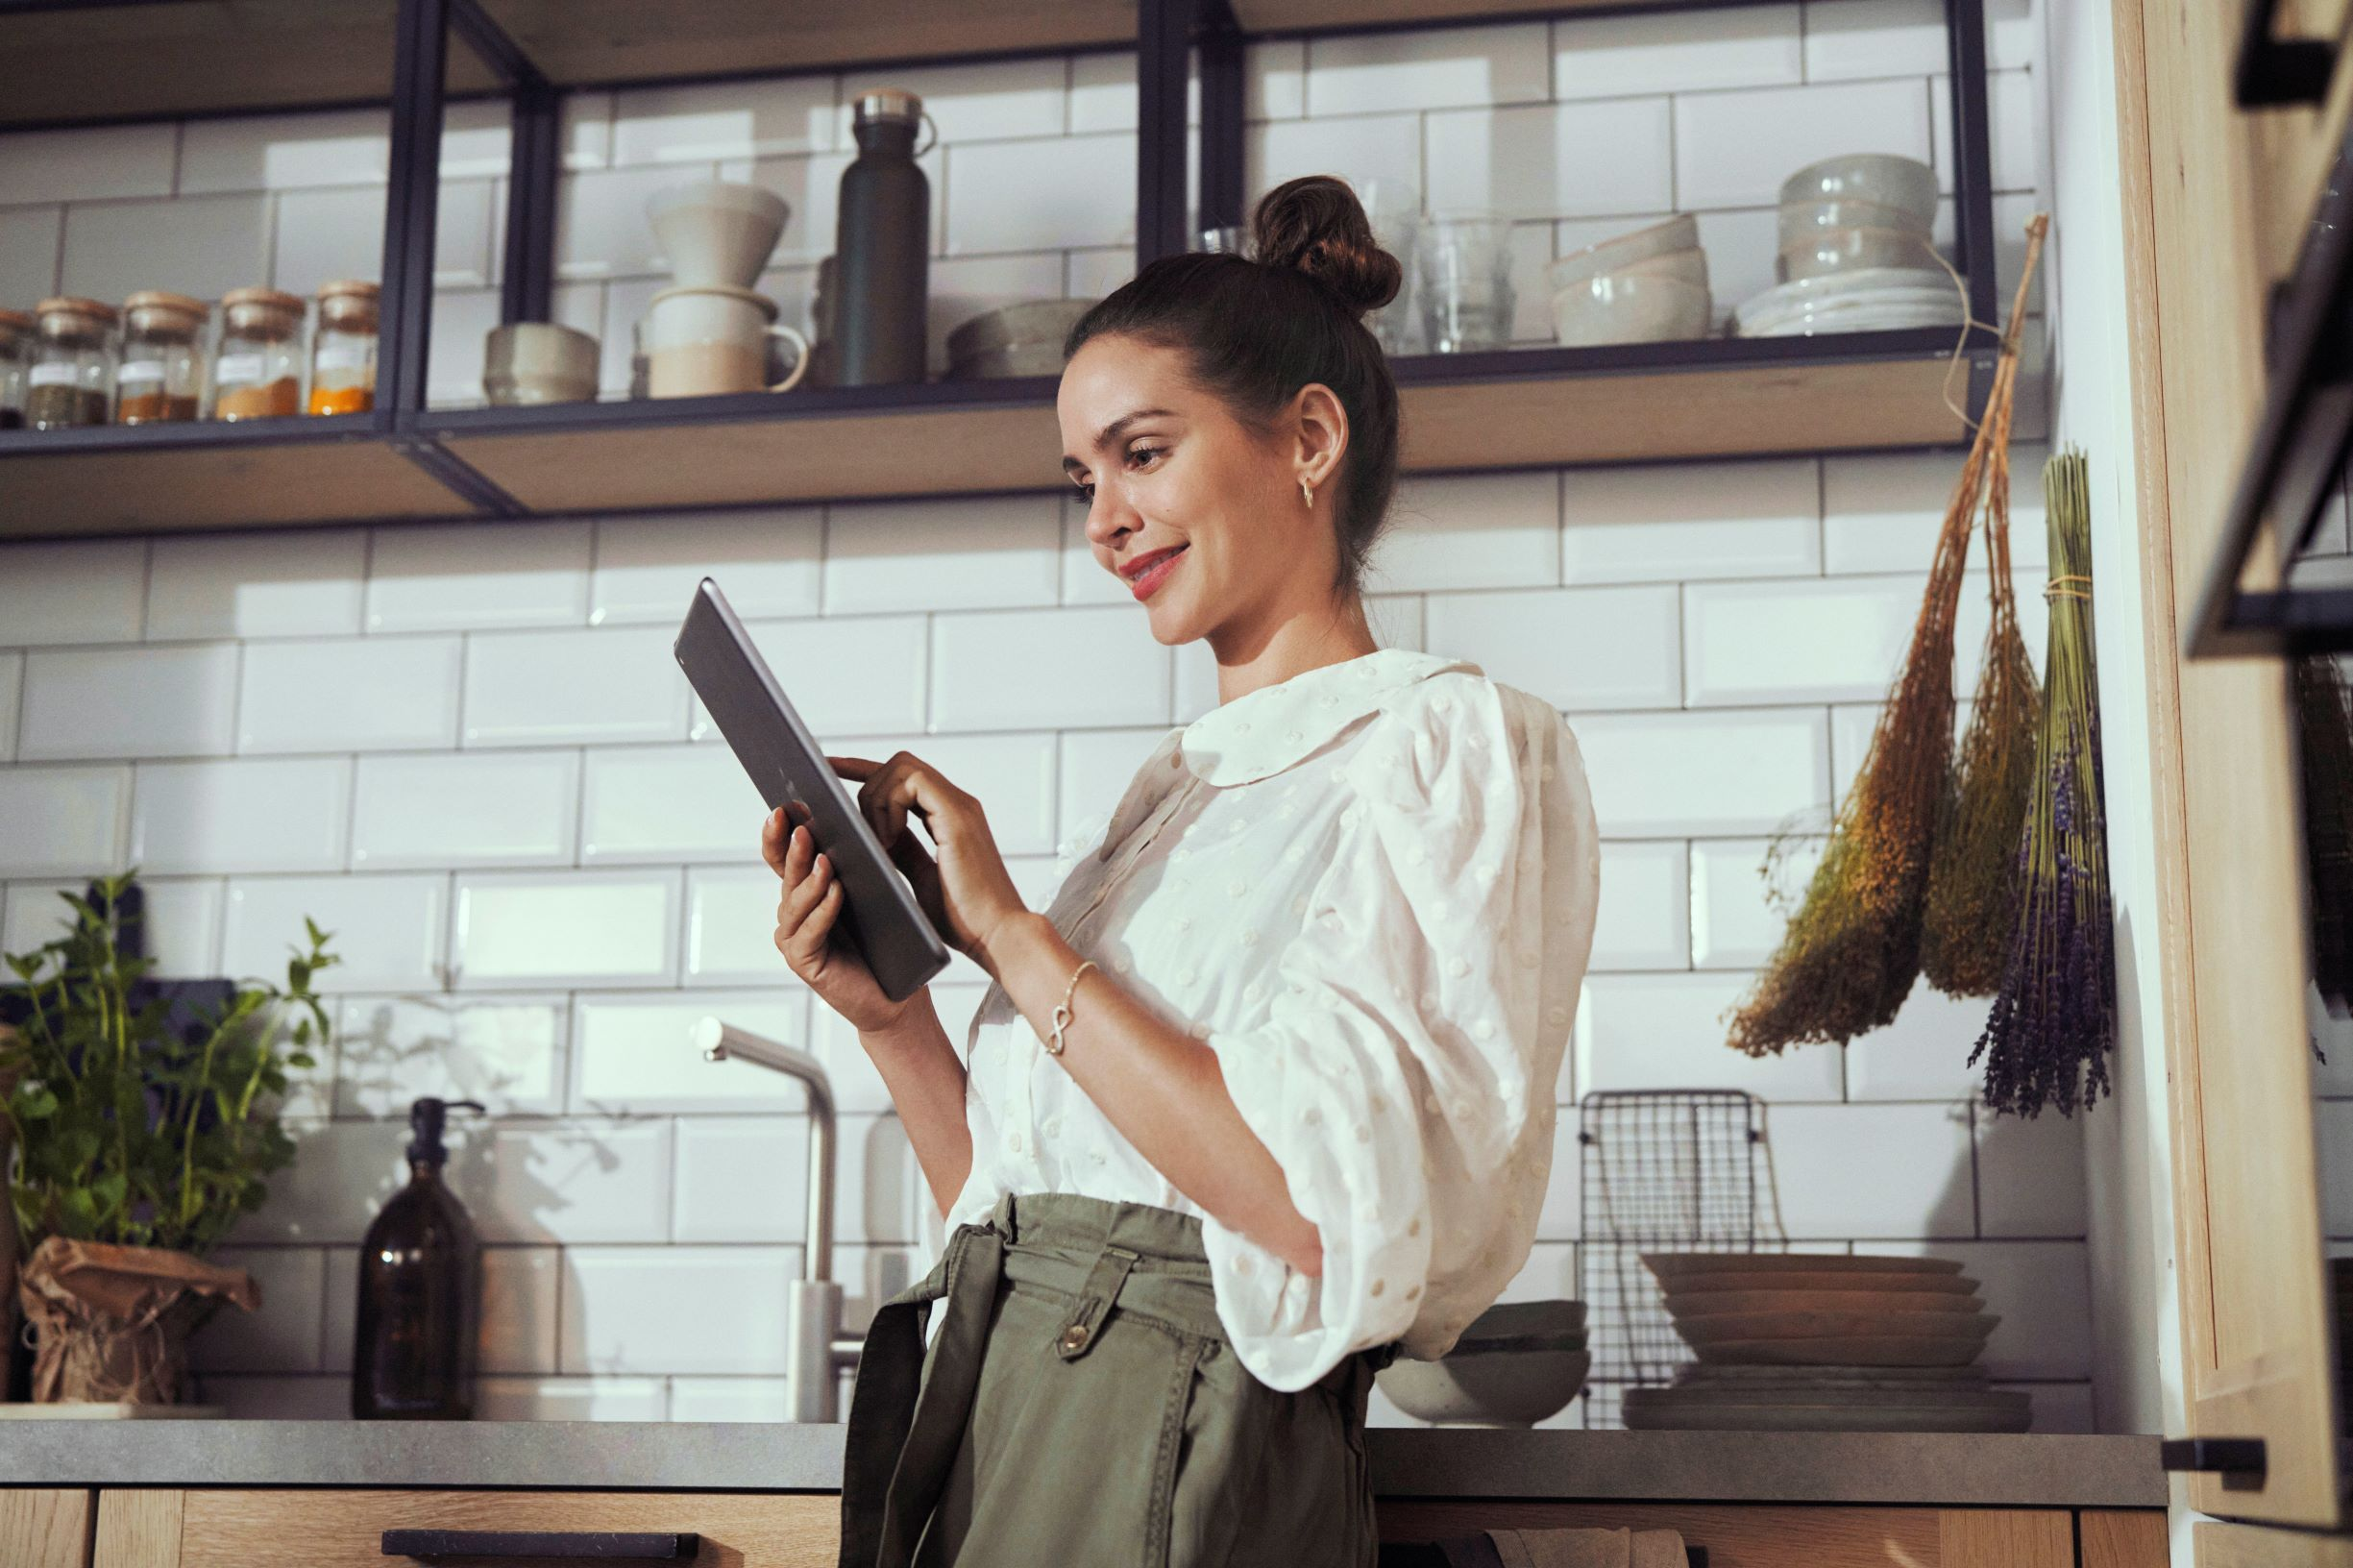 Bruynzeel Keukens campagne STROOM